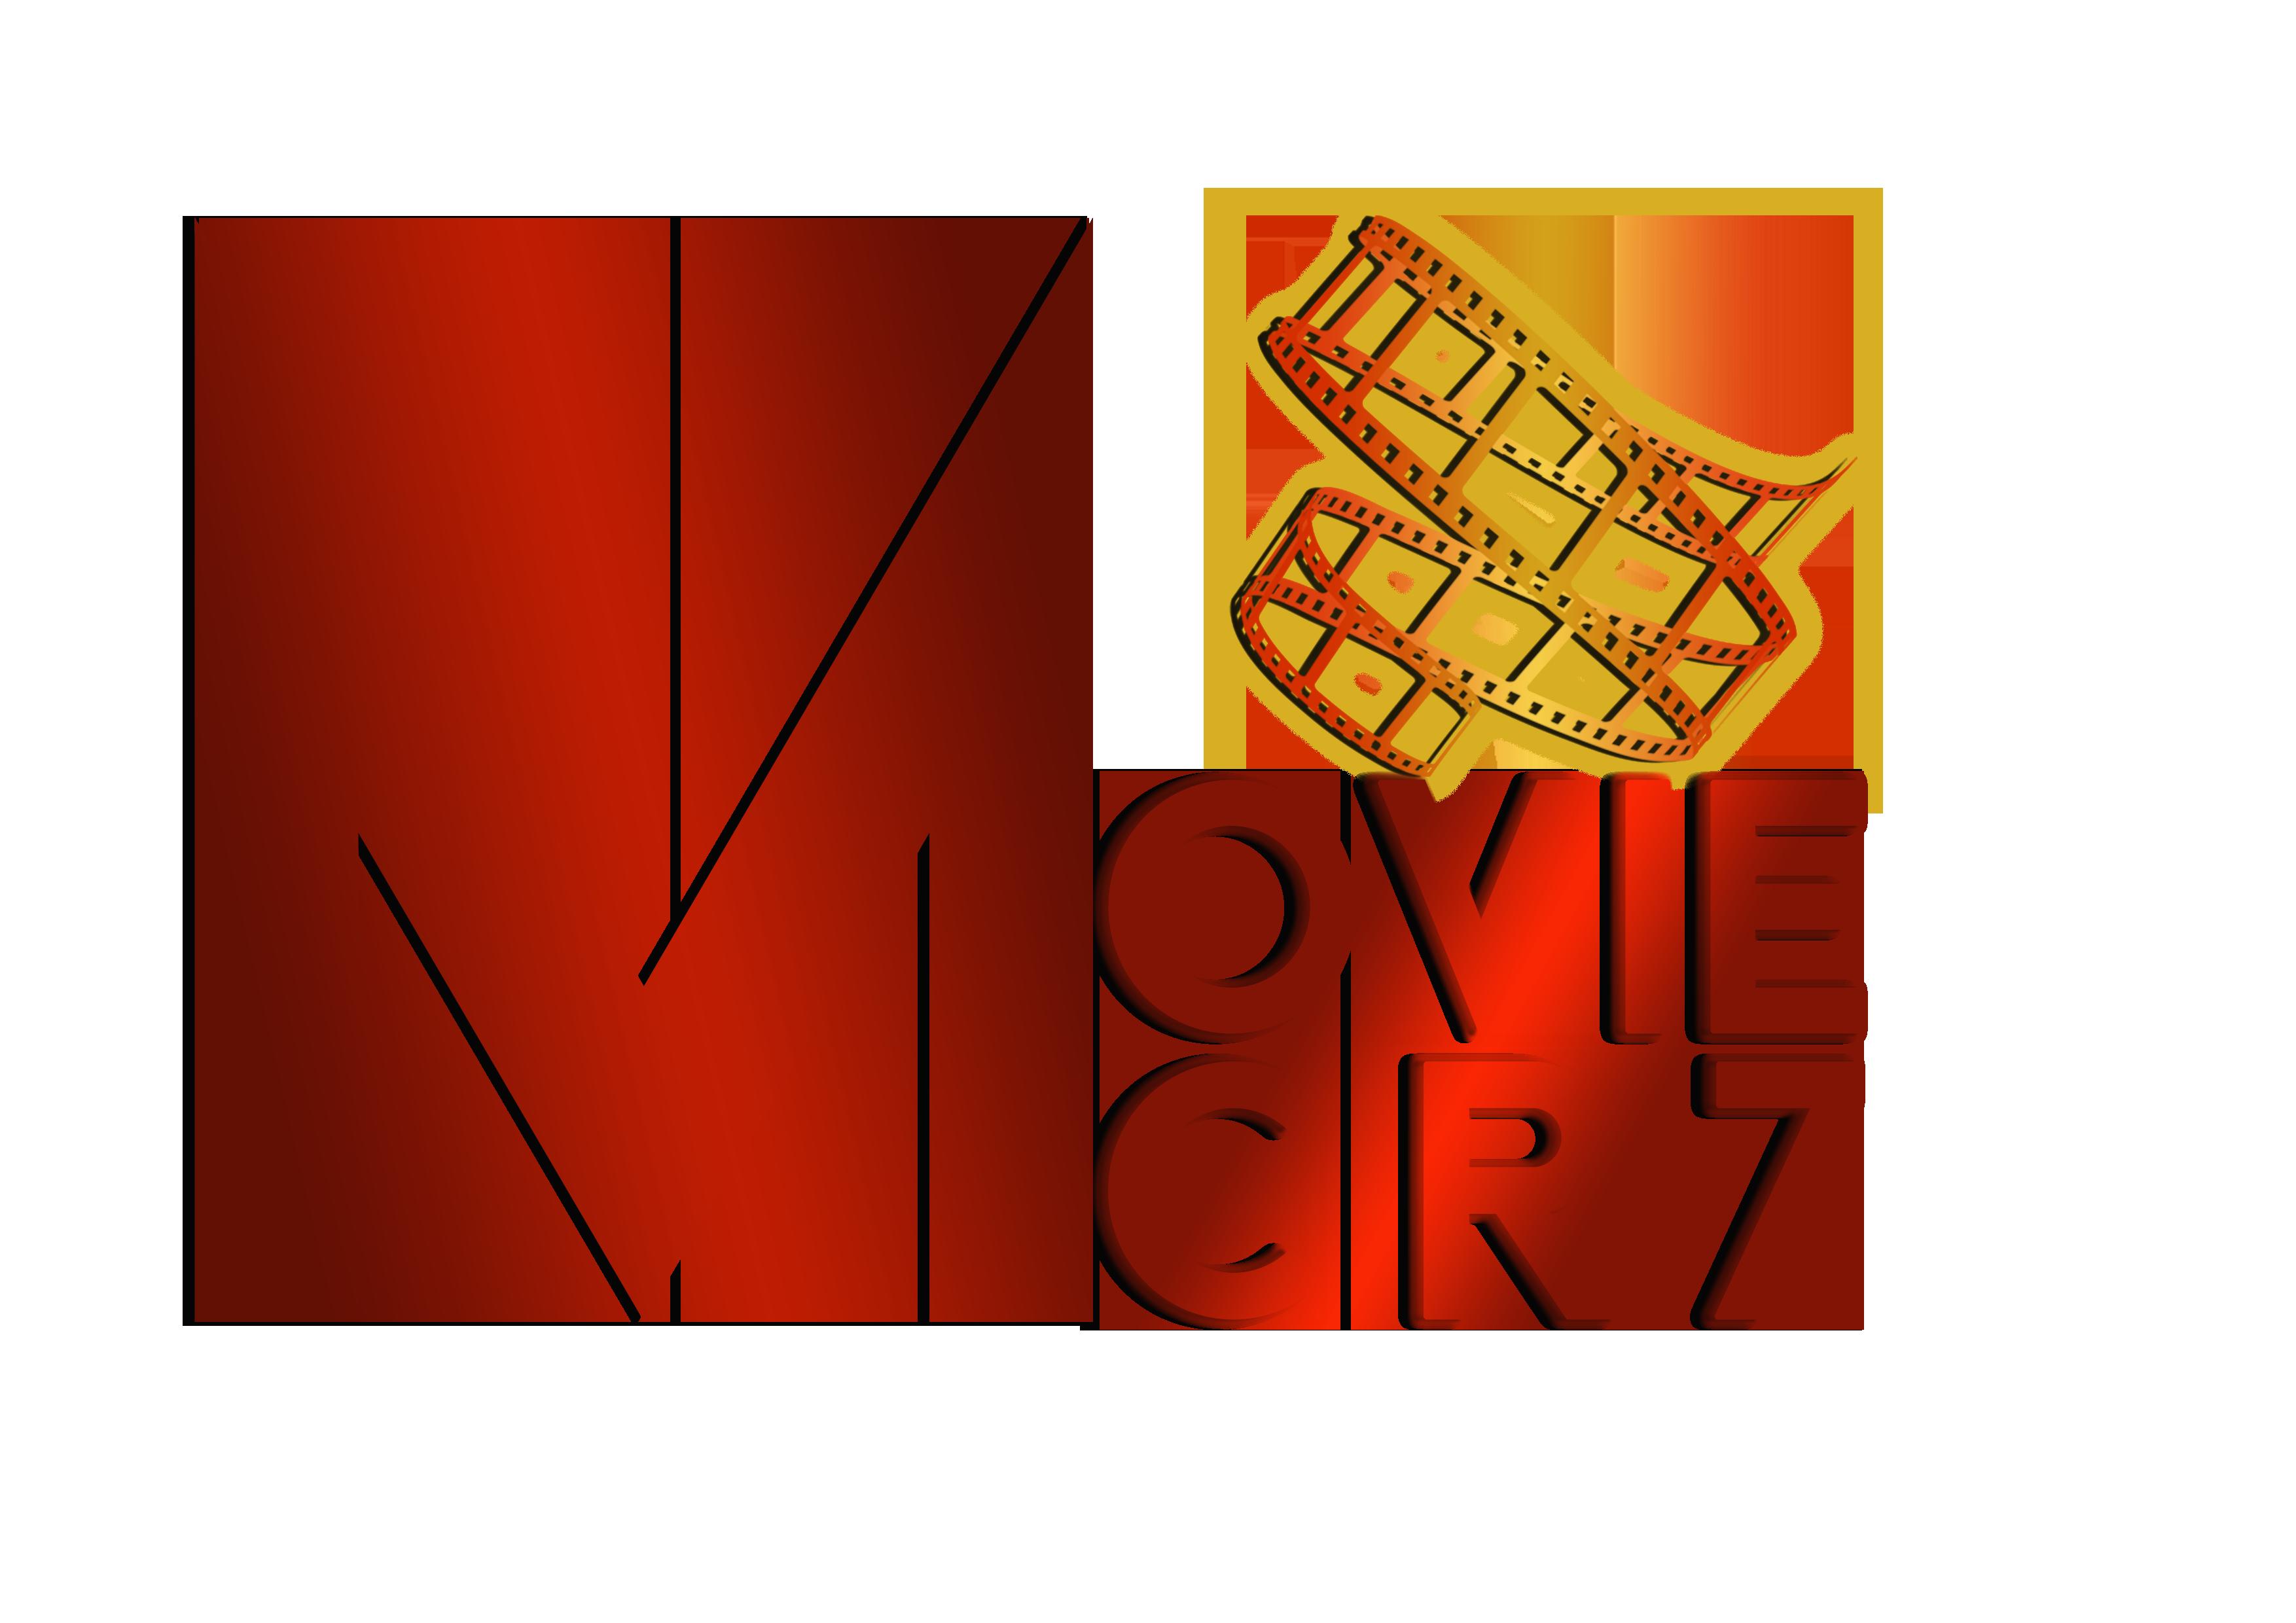 เว็บดูหนังออนไลน์ใหม่ฟรี 2020 Moviecr7-HD ไม่มีโฆษณา ZOOM SD HD 4K